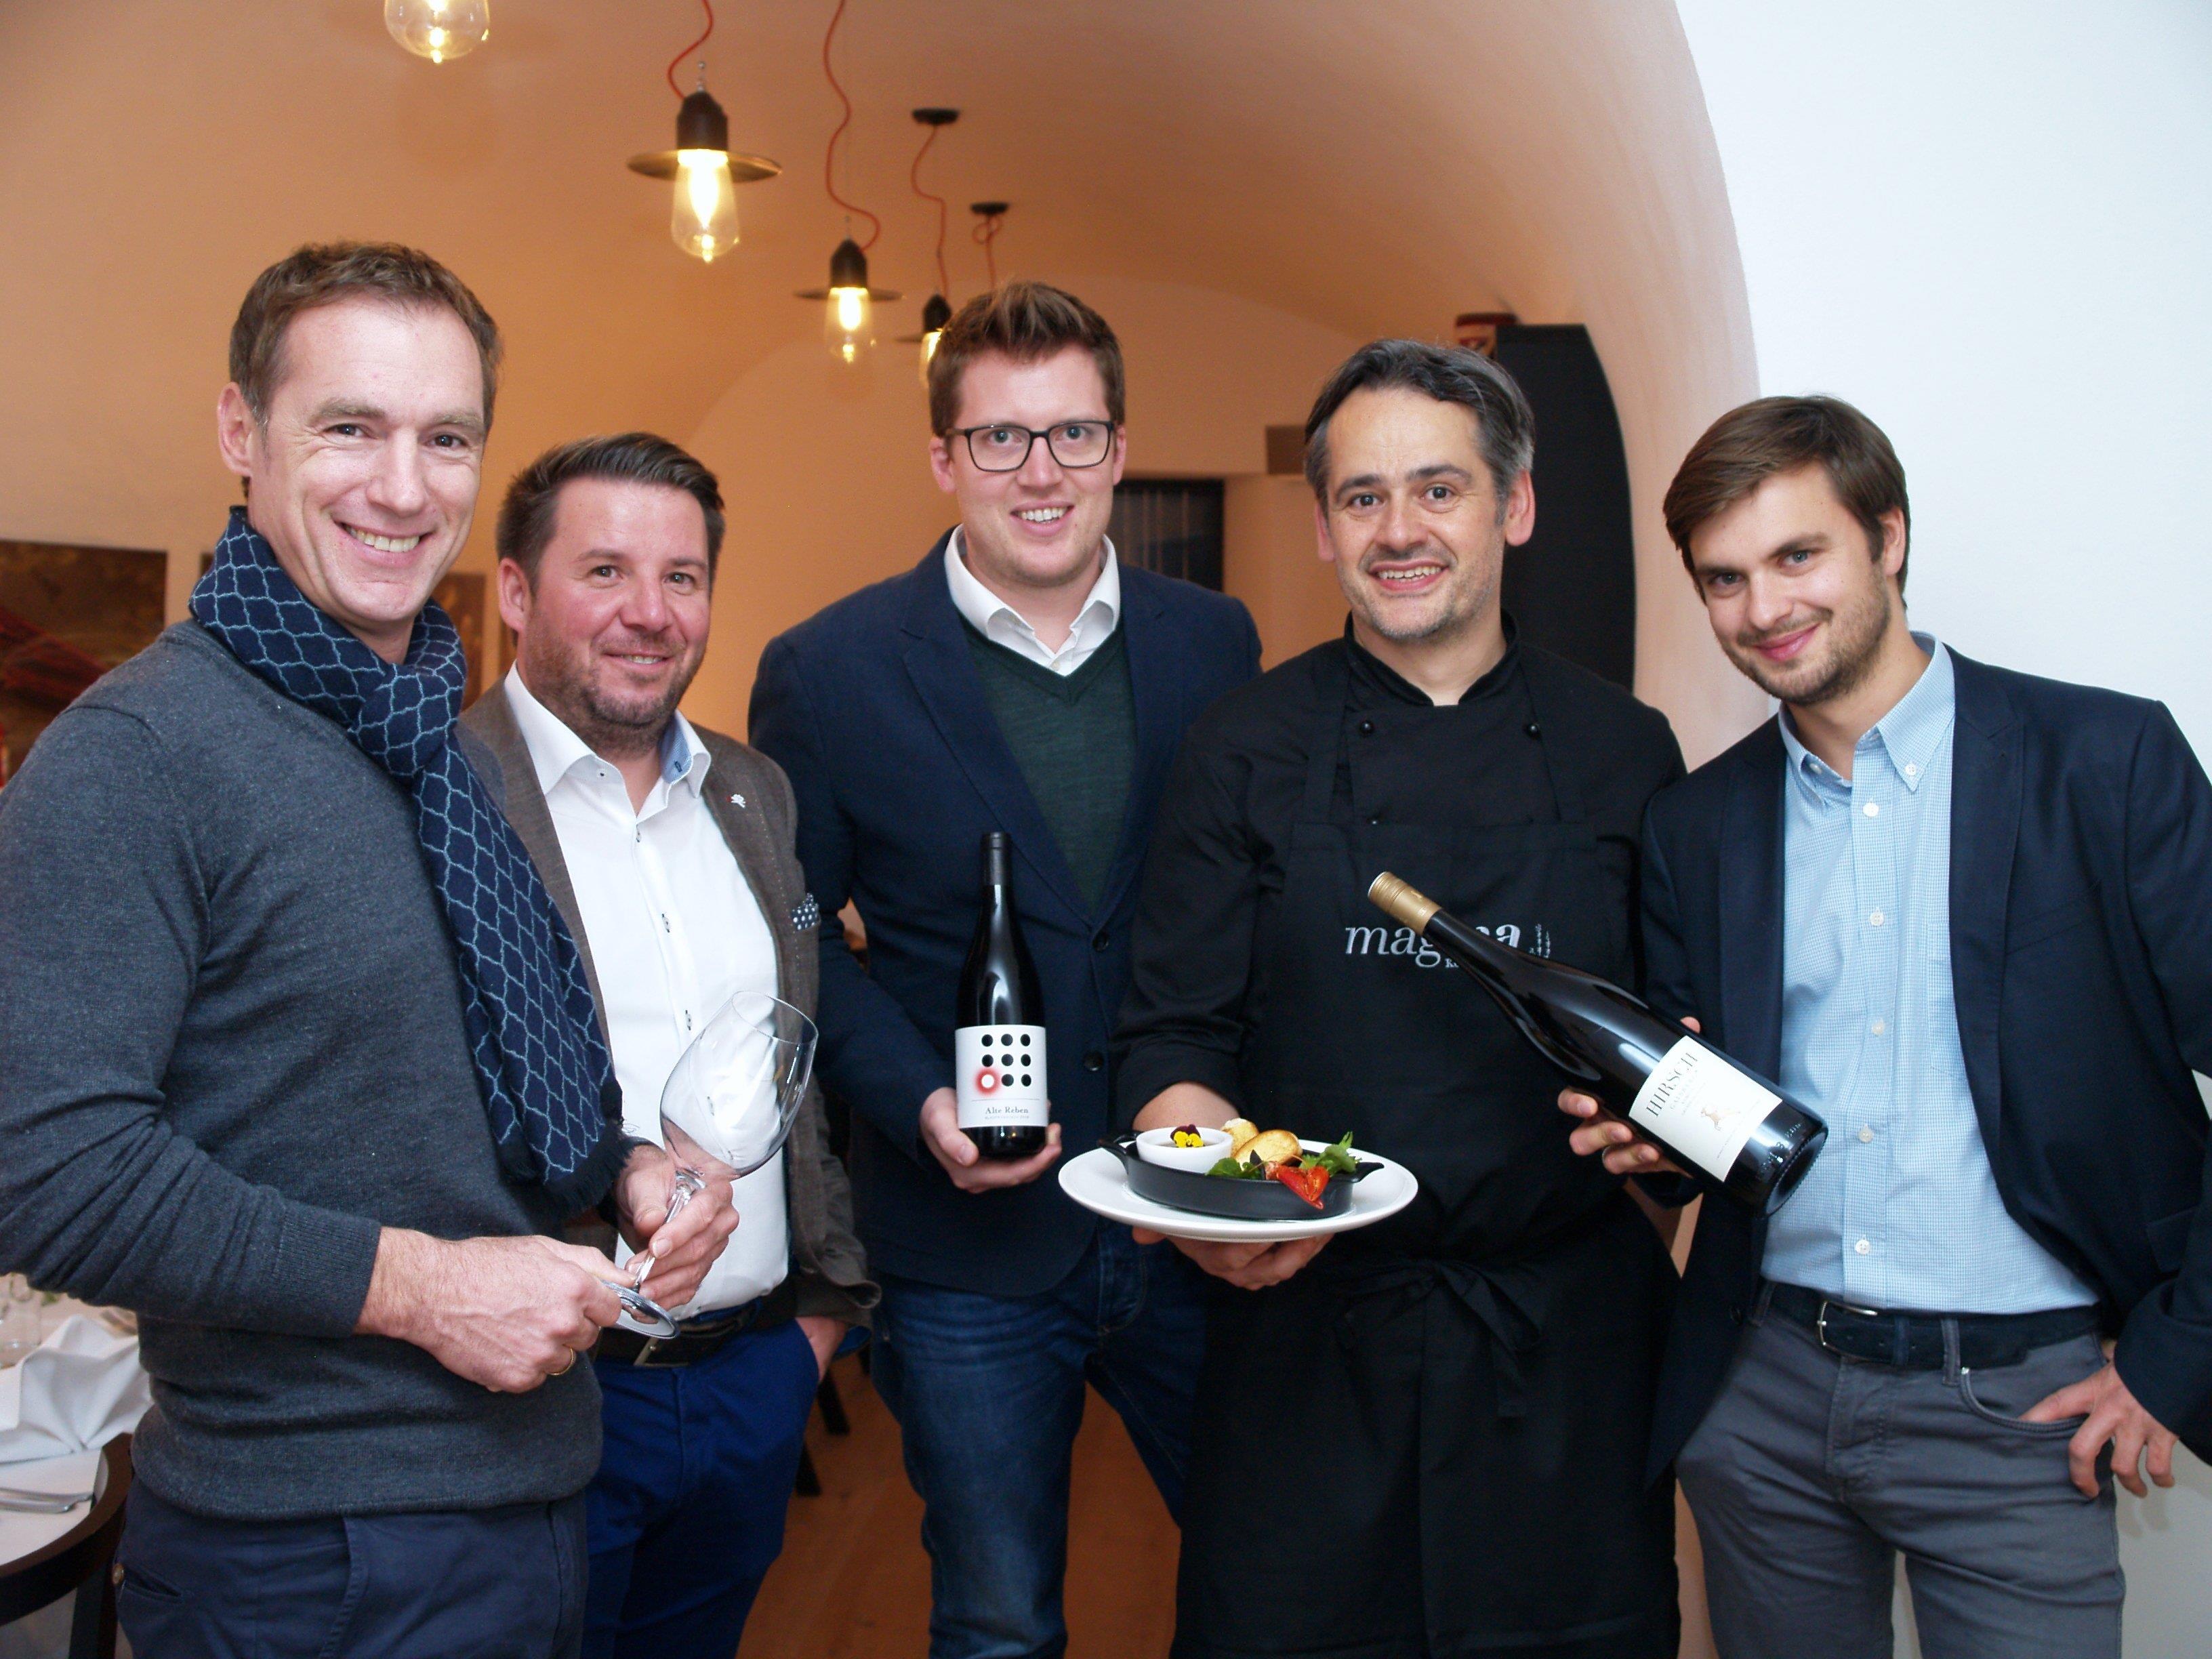 Dieter Wohgenannt, Andre Henkel, Gerald Freinbichler, Erwin Kasper und Daniel Hluchy bei der Weinverkostung.